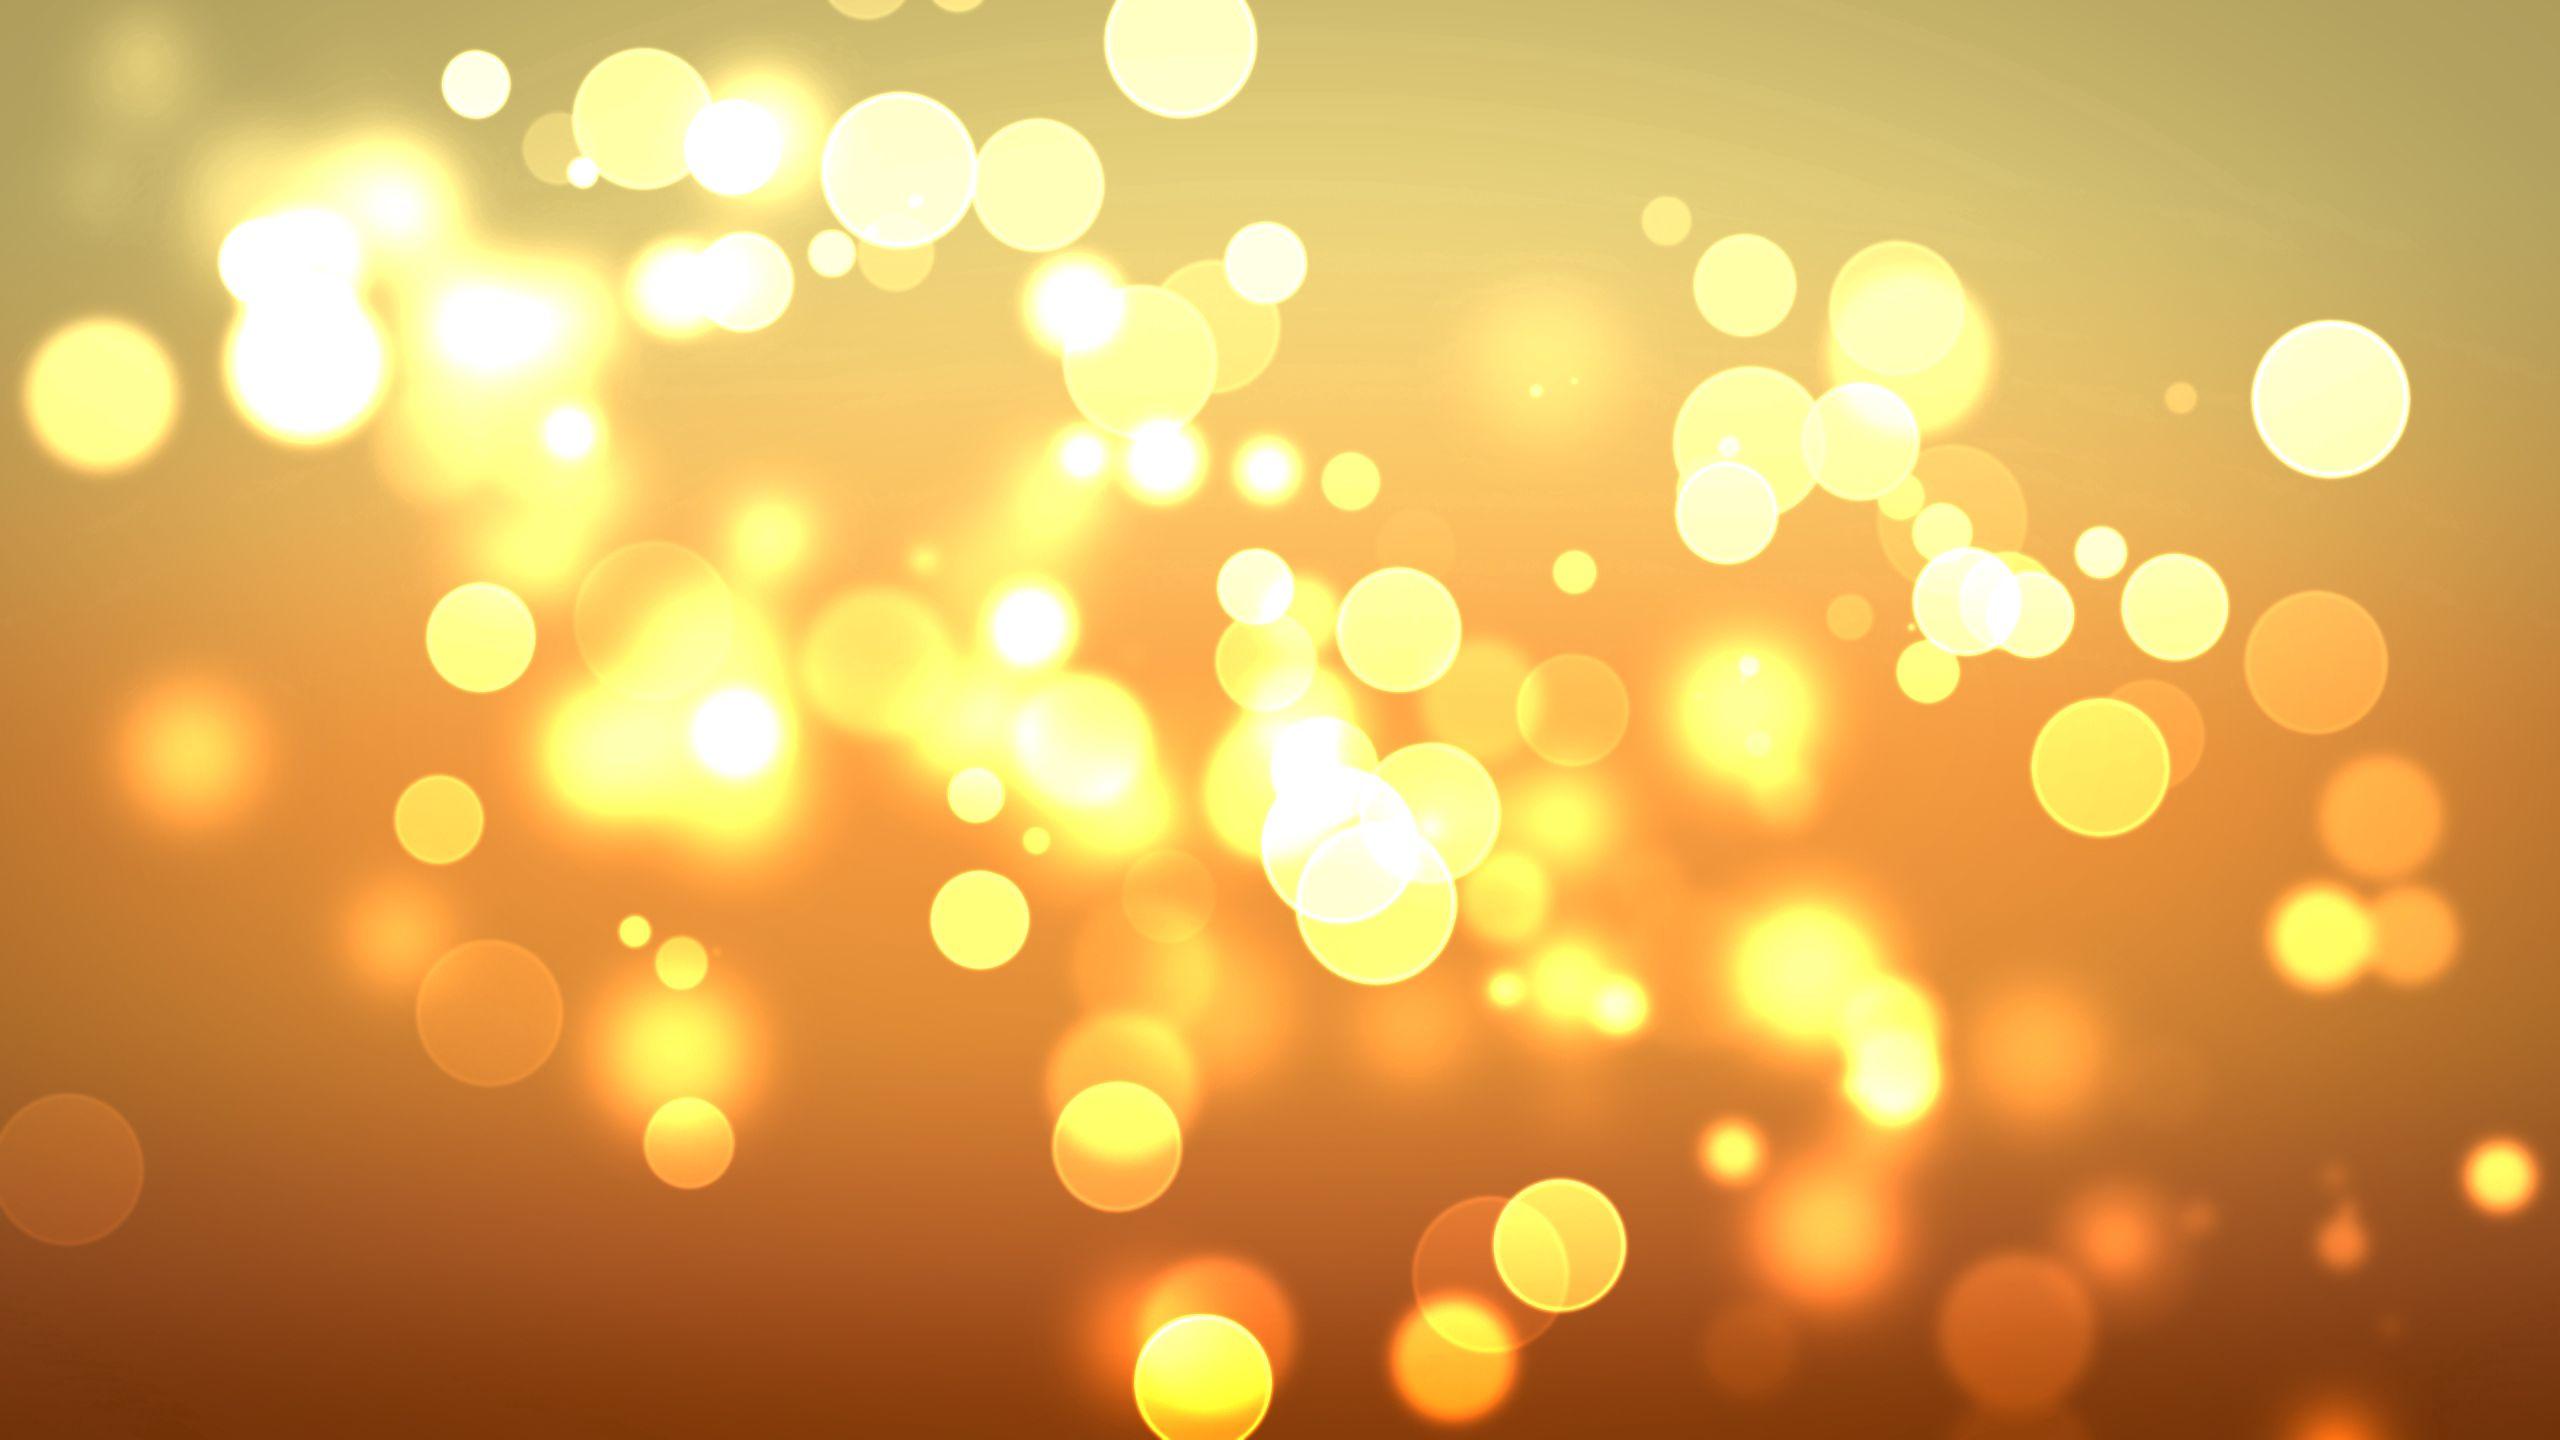 102910 免費下載壁紙 抽象, 闪耀, 光, 明亮的, 明亮, 强光, 高光, 太阳的, 阳光明媚 屏保和圖片